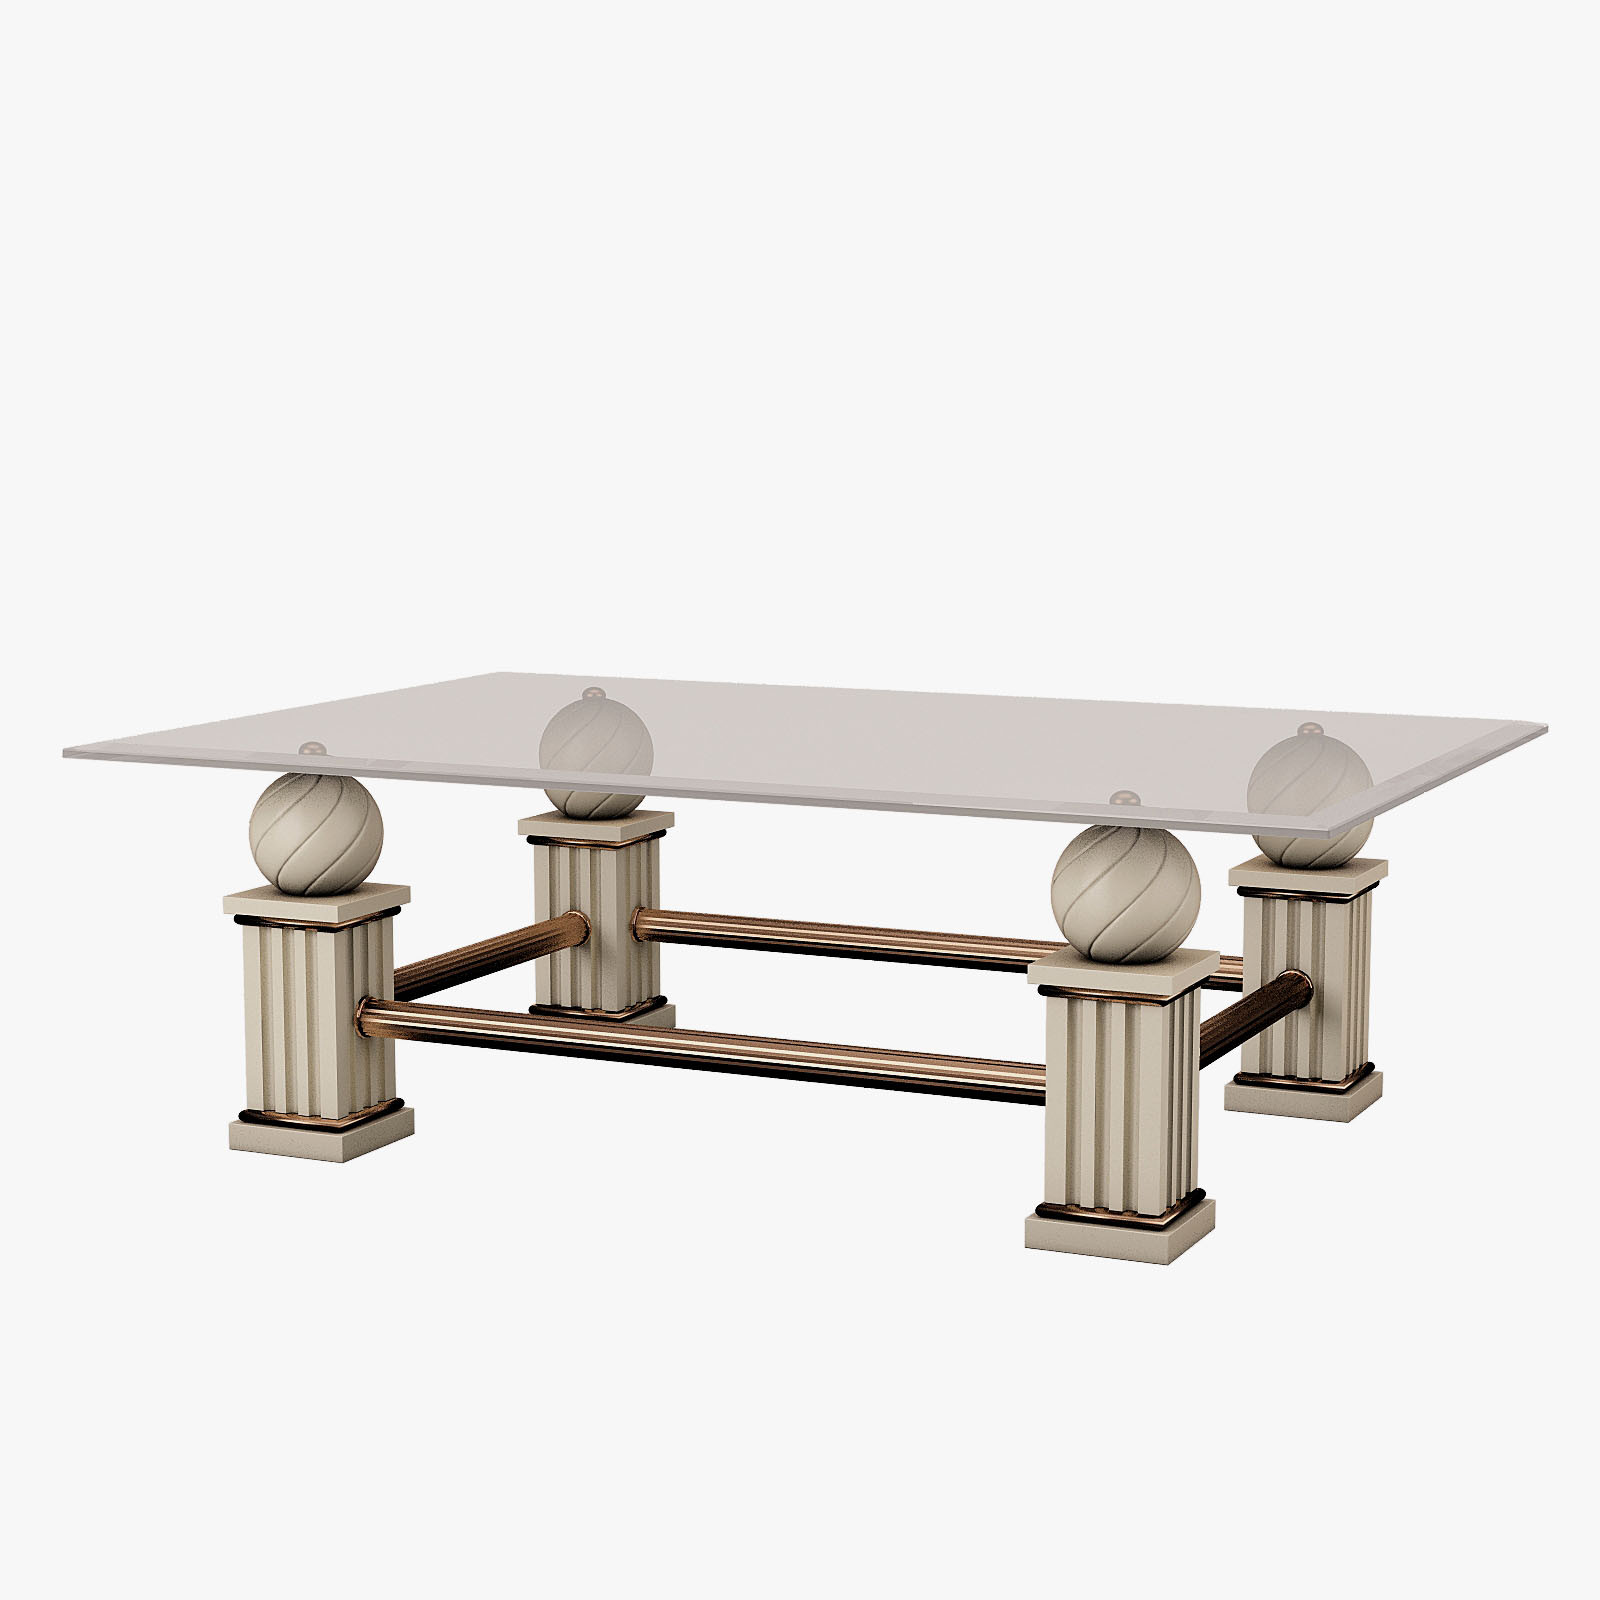 Turri arcade t538d for Table 6 2 ar 71 32